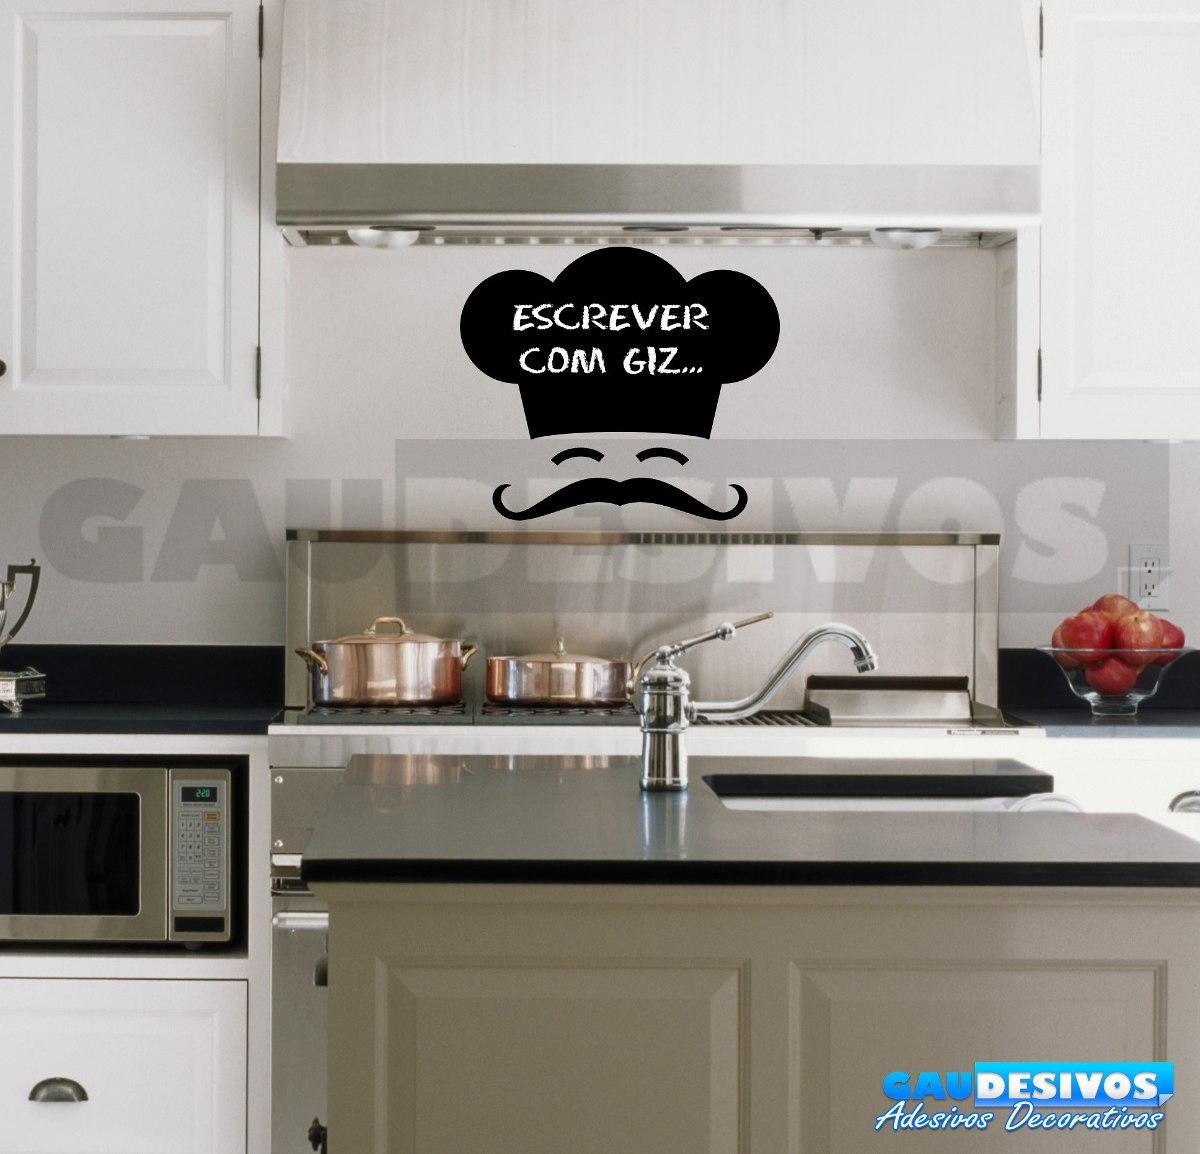 Adesivo Mesa De Jantar ~ Adesivo Decorativo De Parede Lousa Chef De Cozinha I R$ 19,99 em Mercado Livre